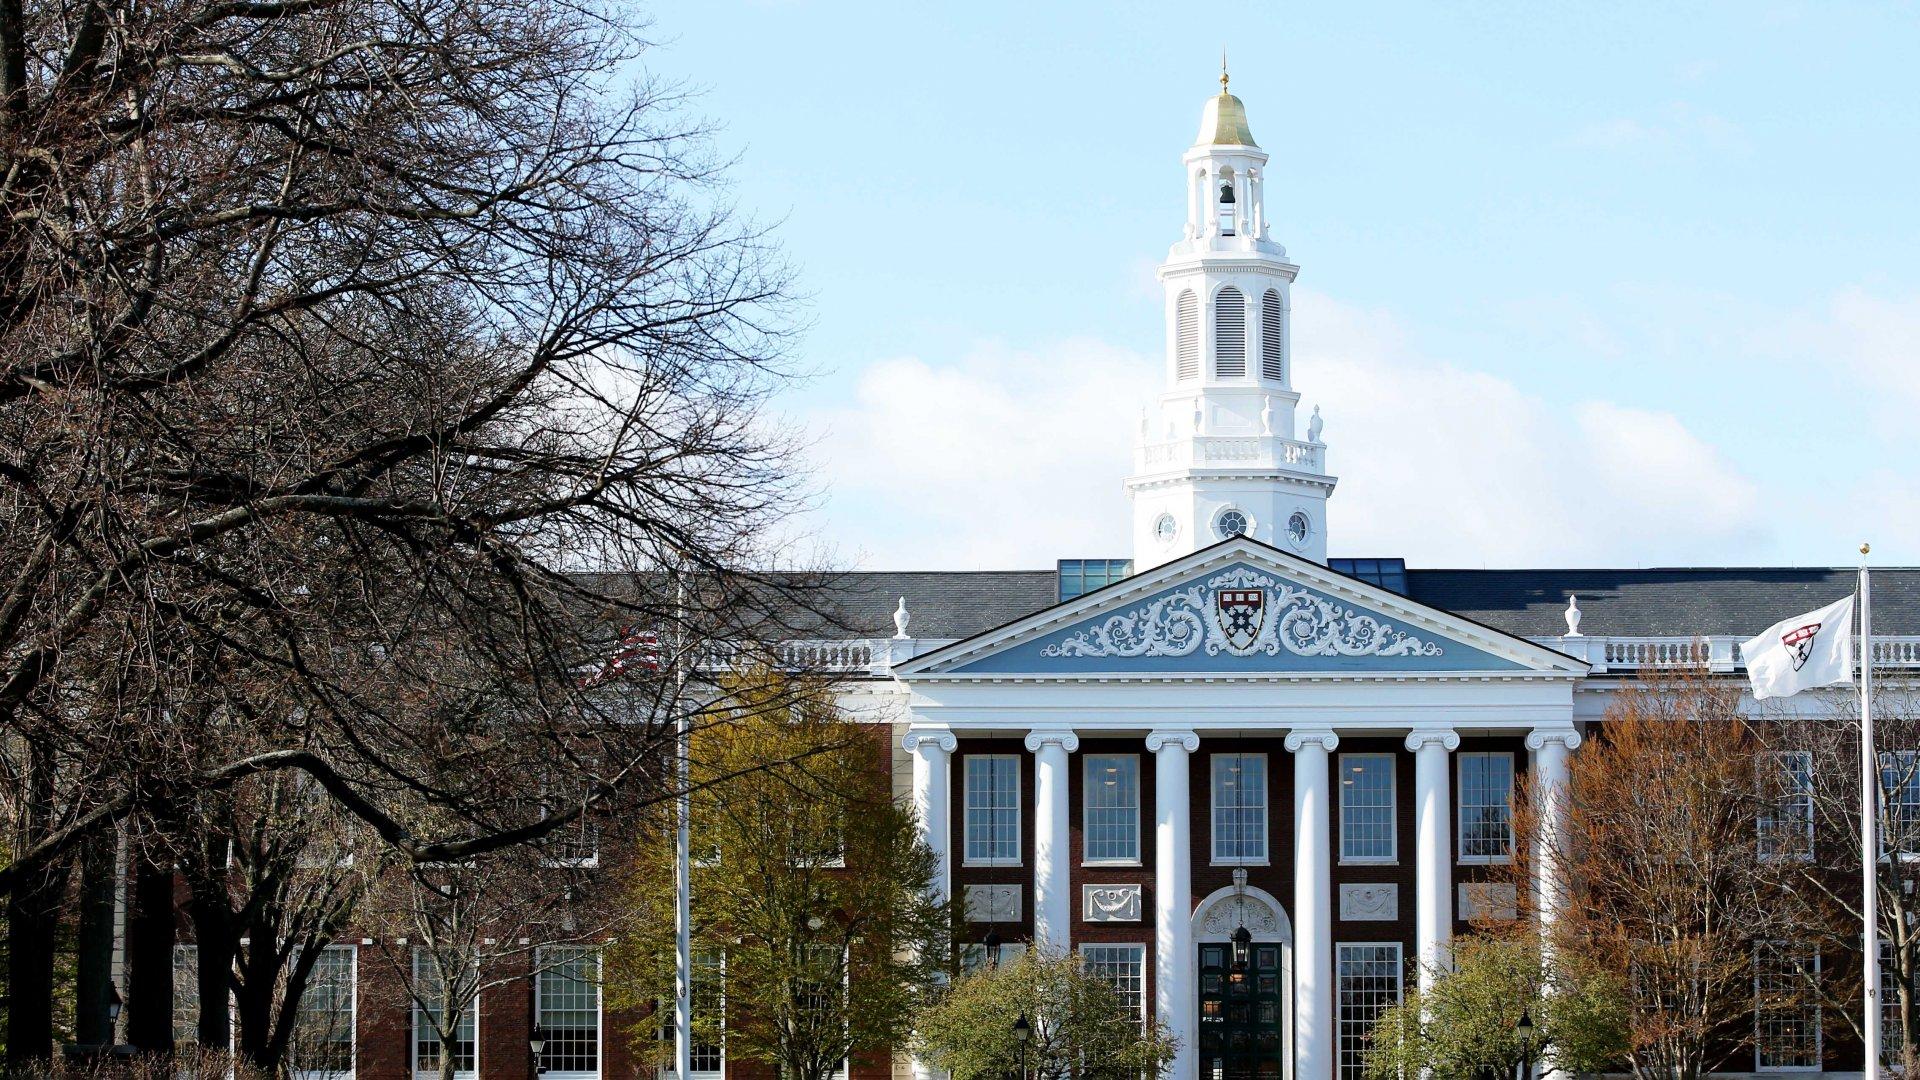 Harvard University in Cambridge, Massachusetts, on April 22, 2020.